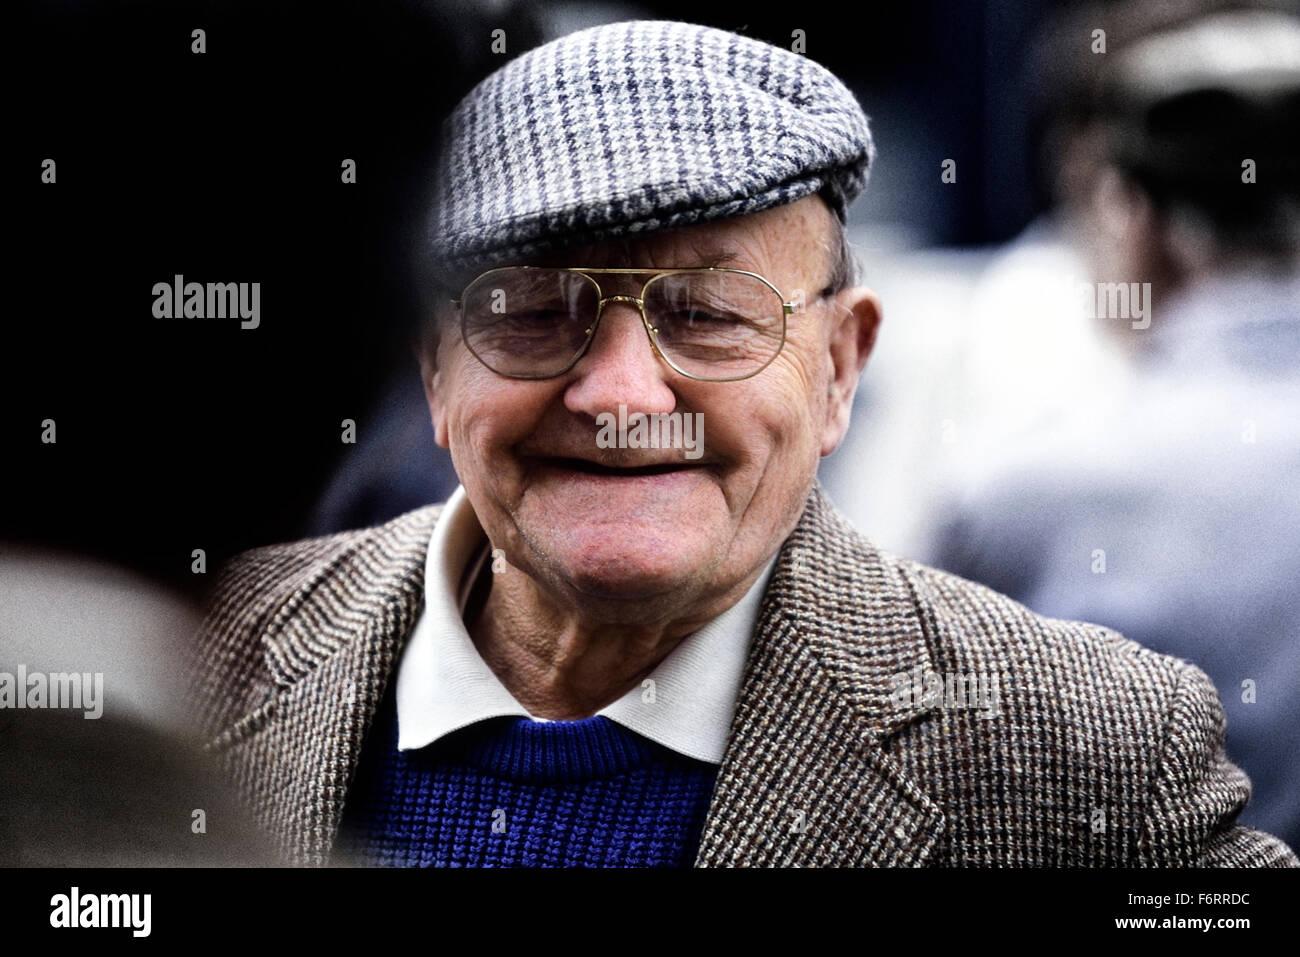 Un viejo caballero sonriente llevaba una chaqueta de Tweed y tapa Imagen De Stock